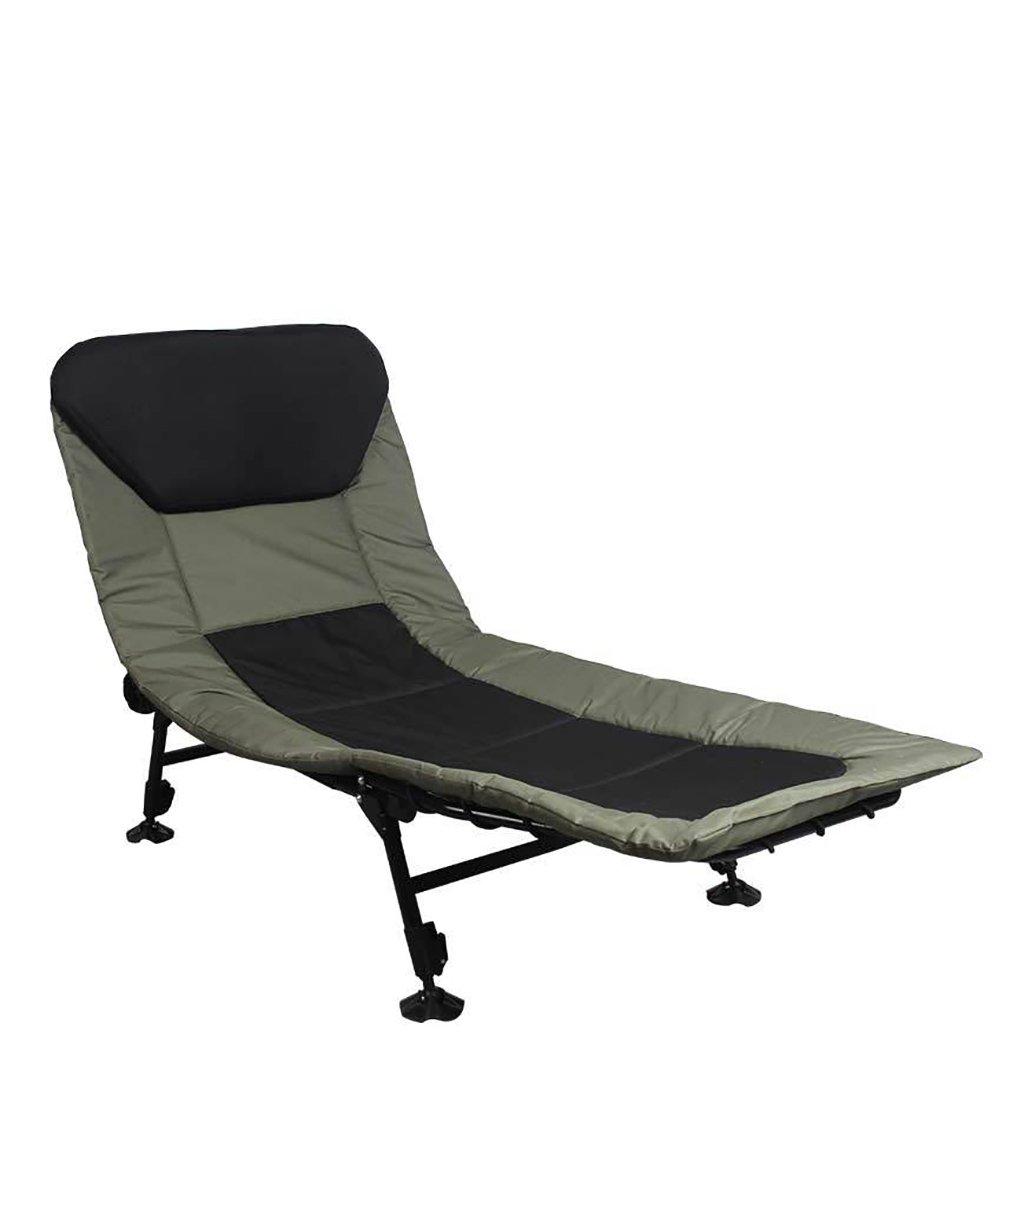 LIANJUN Fischerstuhl Sun Lounger Stuhl Faltbarer Fischerstuhl Verstellbarer Garten Patio Liegender Camping Outdoor Campingstuhl